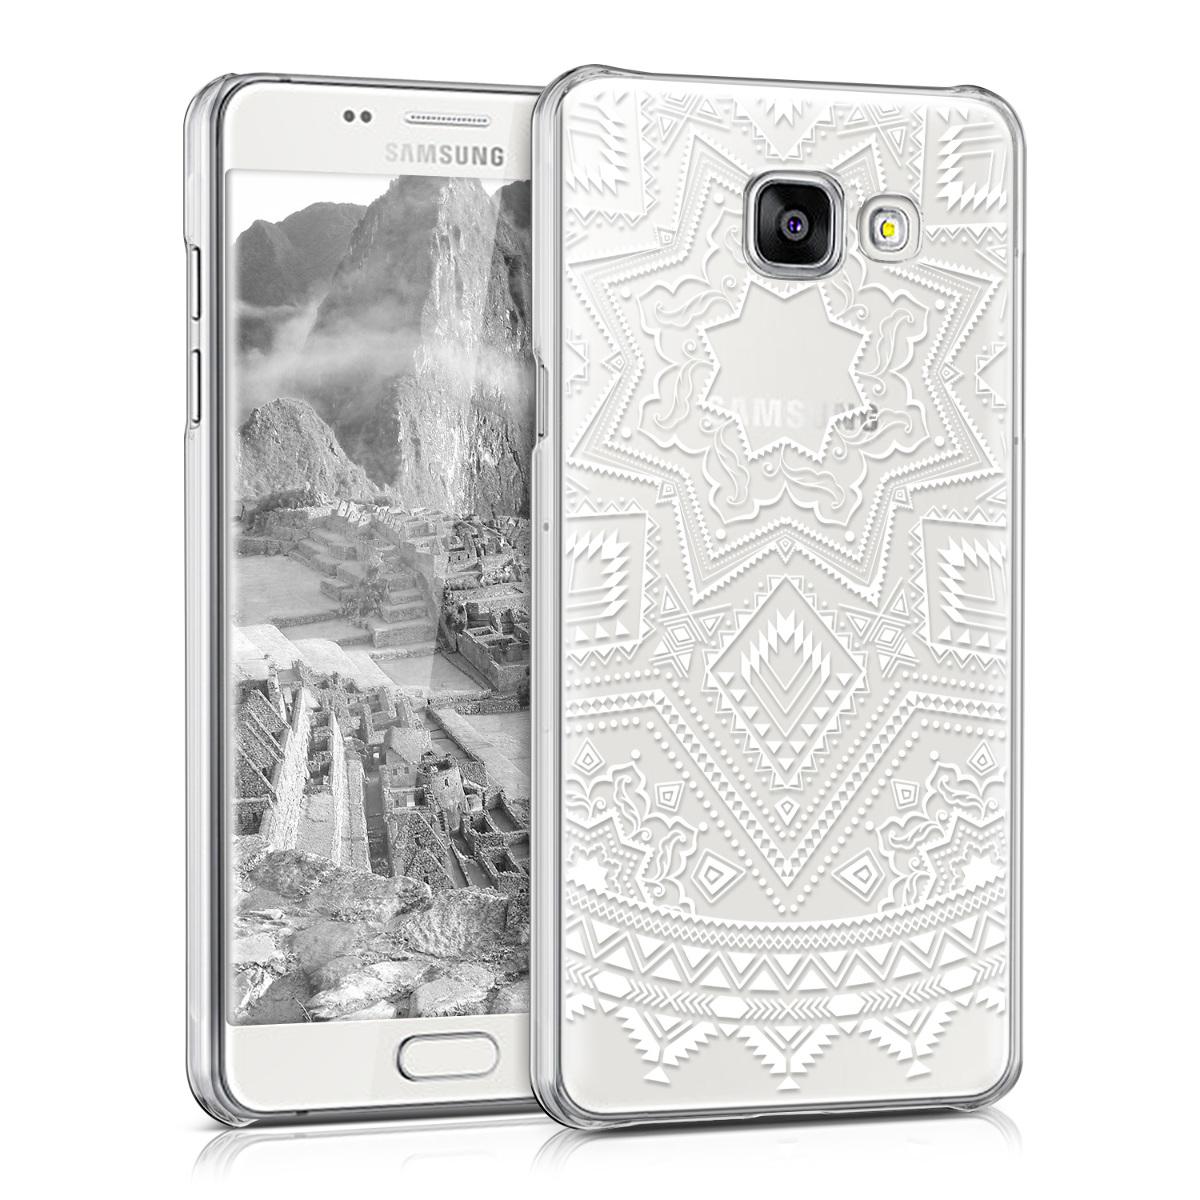 Kvalitní plastové pouzdro pro Samsung A5 (2016) - Aztec Sun bílé / transparentní